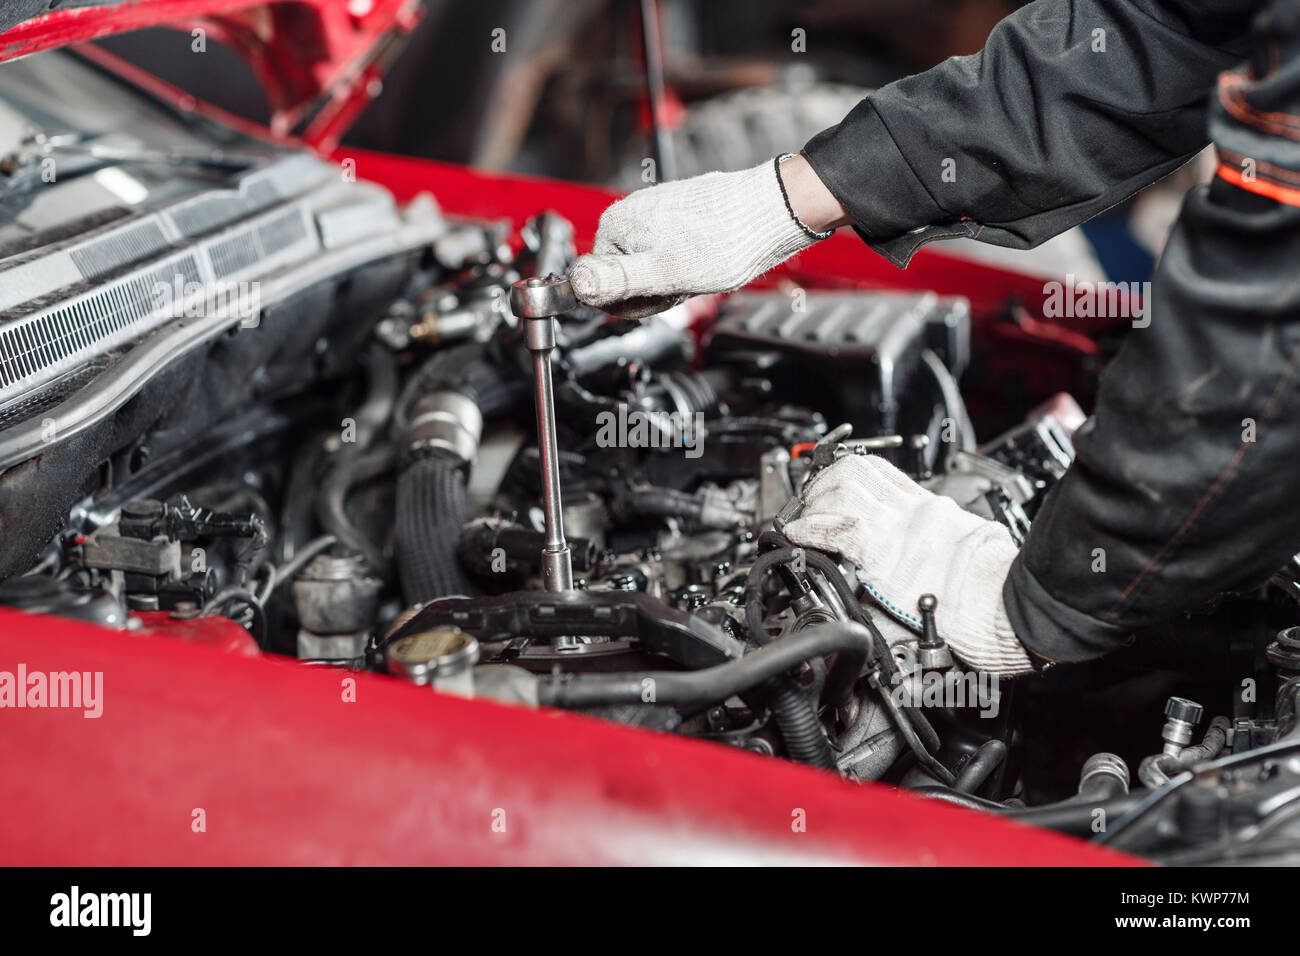 Reparatur von modernen Diesel, Arbeiter Hände und Werkzeug ...